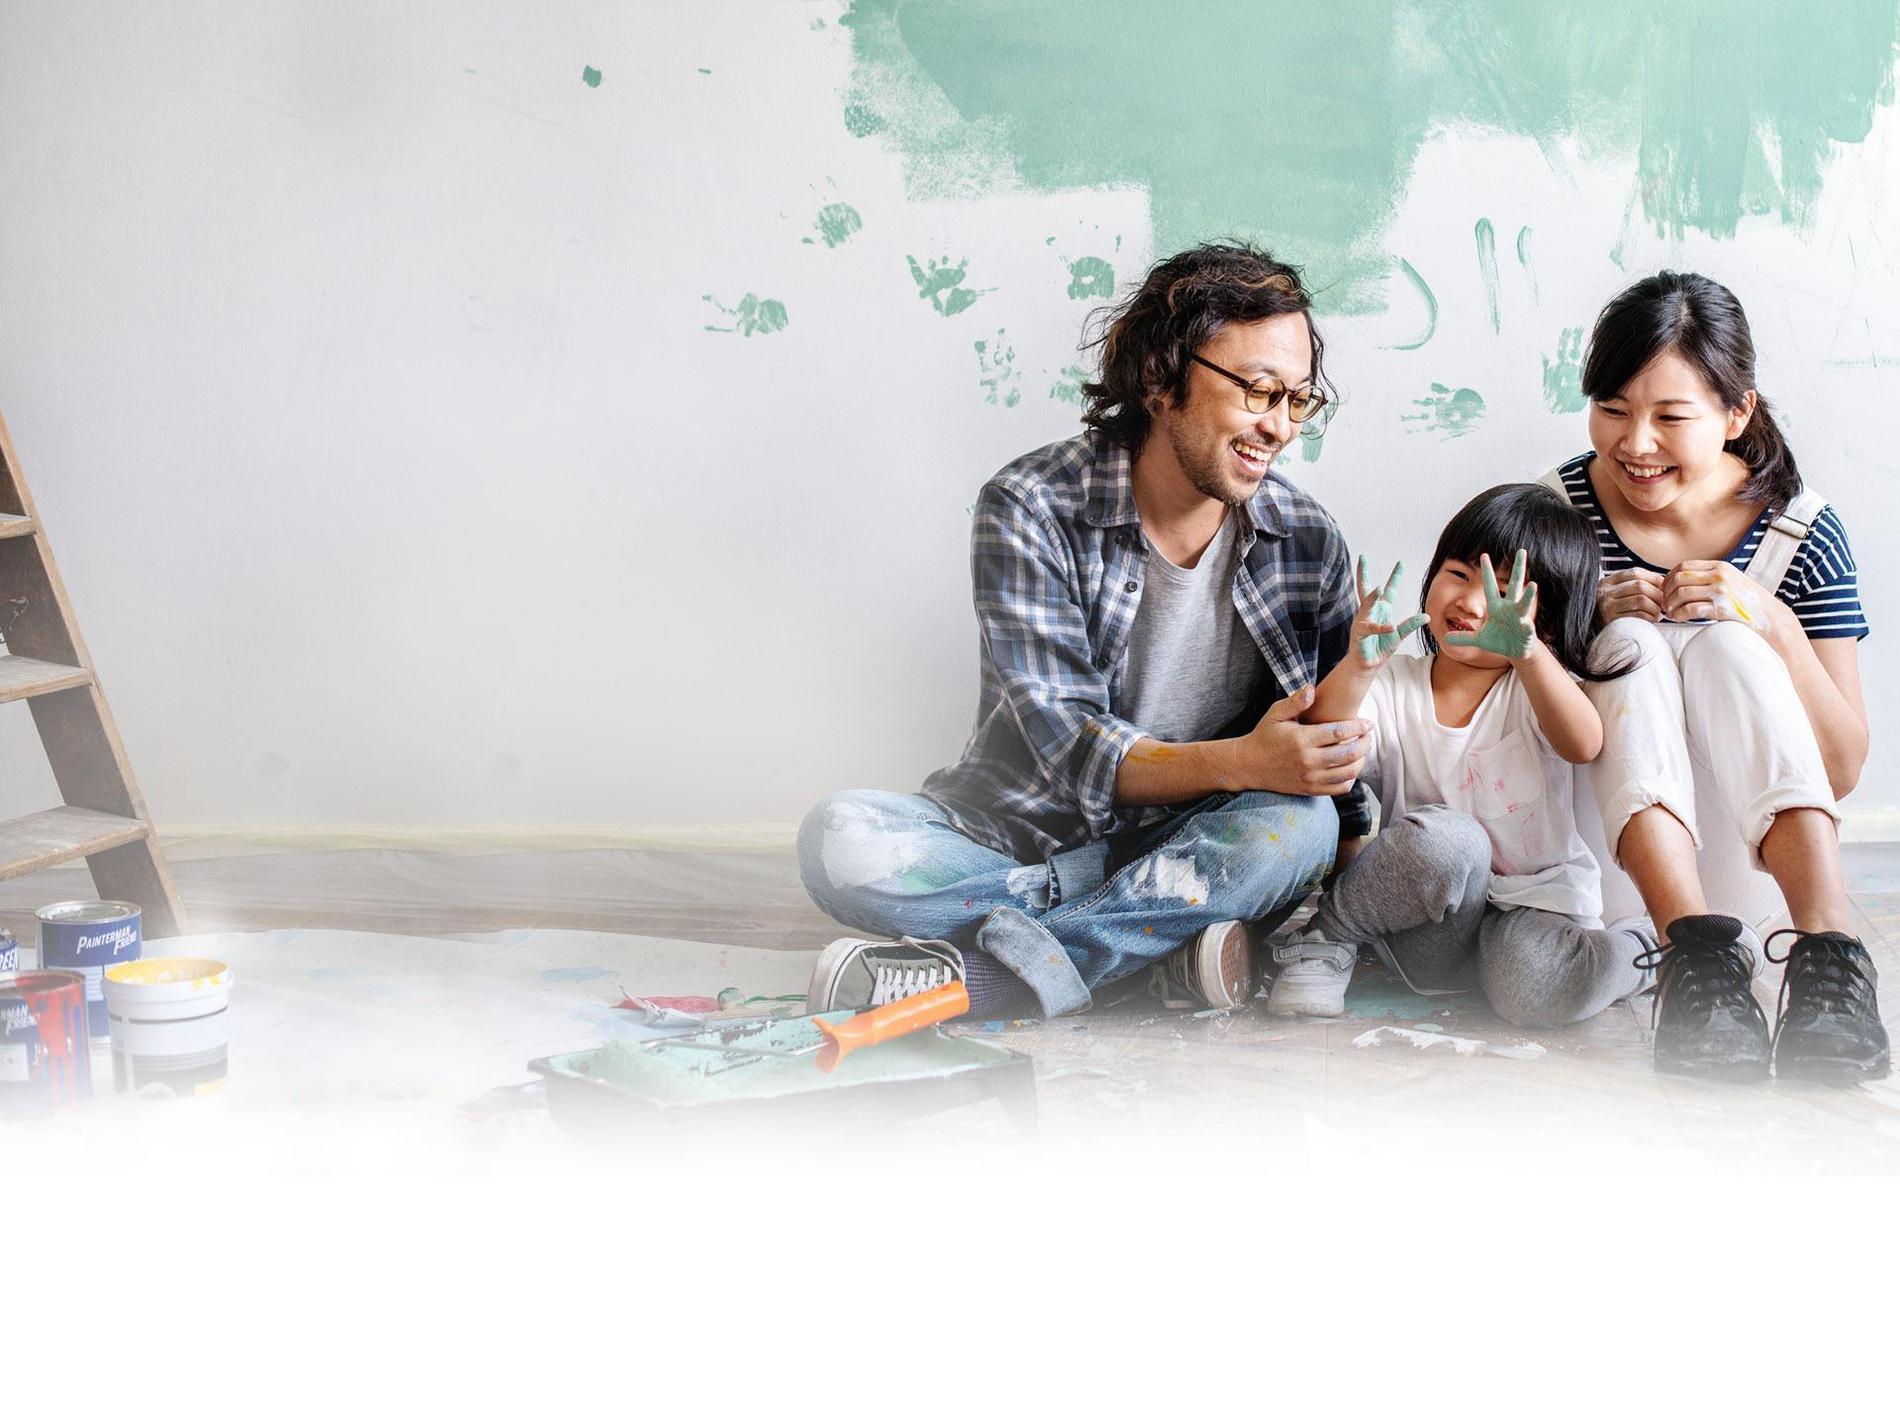 Foto de una familia donde todos sonríen sentados en el piso de una casa nueva, el niño pequeño ha dejado huellas de la mano en la pared con pintura húmeda